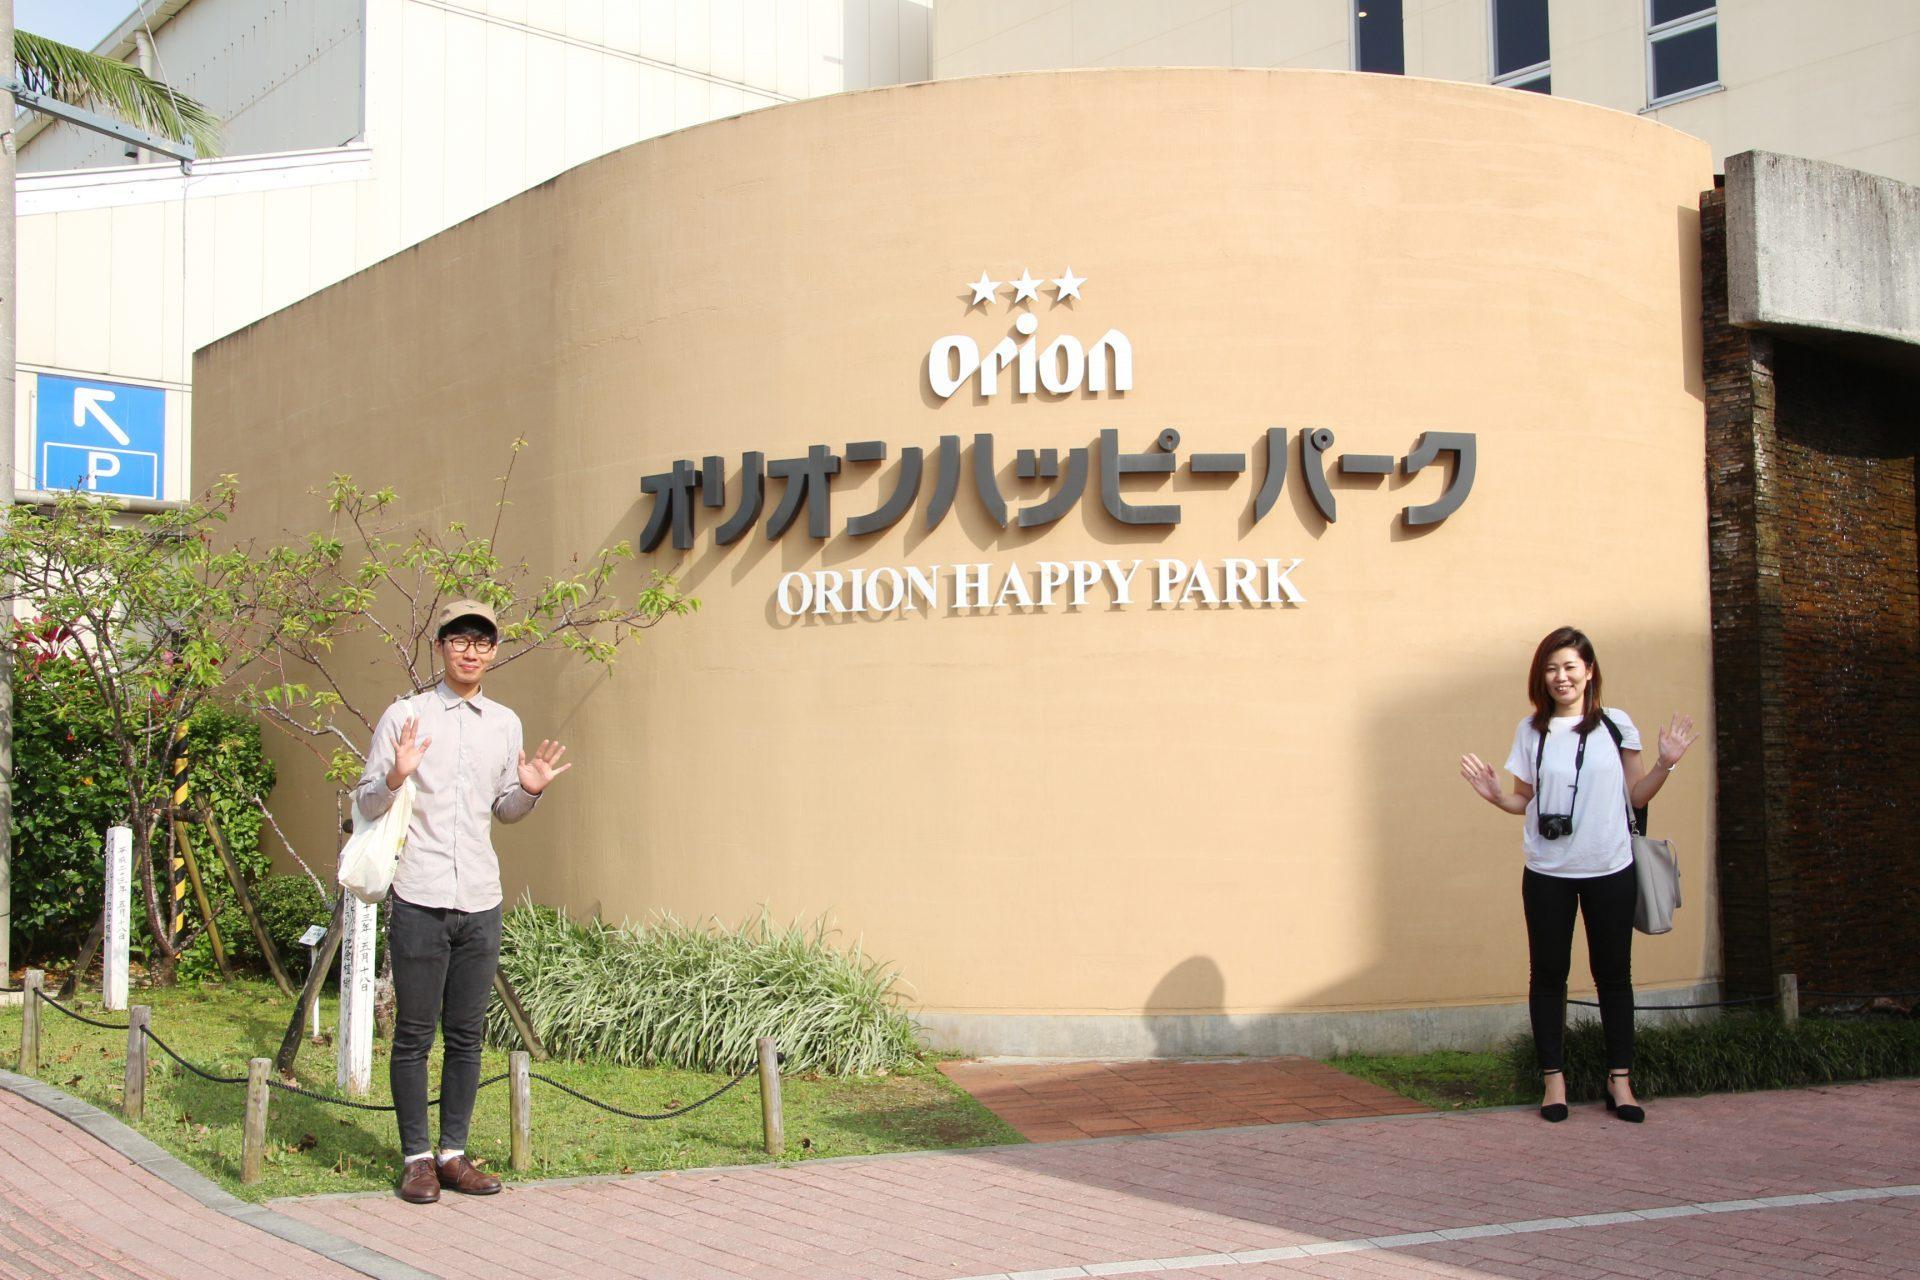 雨の日の観光におすすめ!沖縄北部「オリオンハッピーパーク」